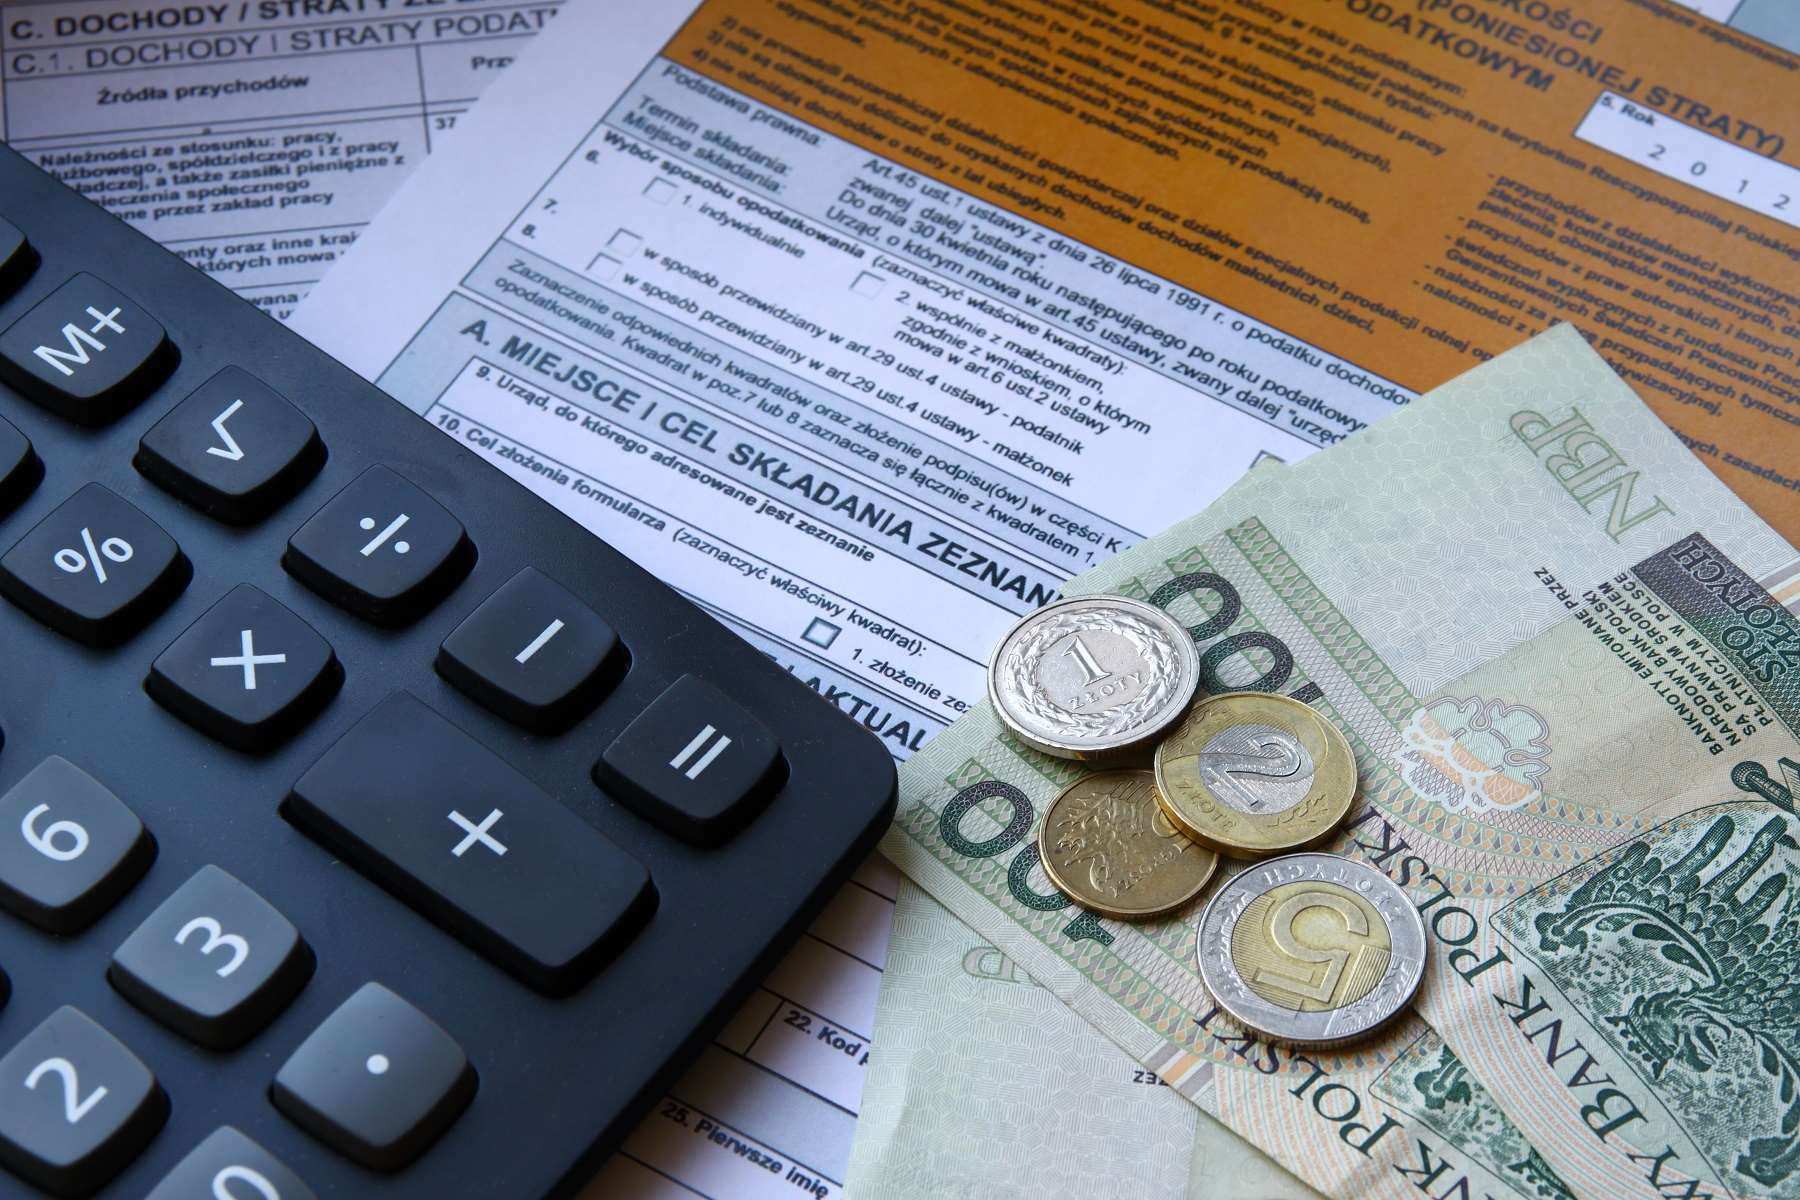 Co powinno zawierać zaświadczenie o zatrudnieniu i zarobkach?